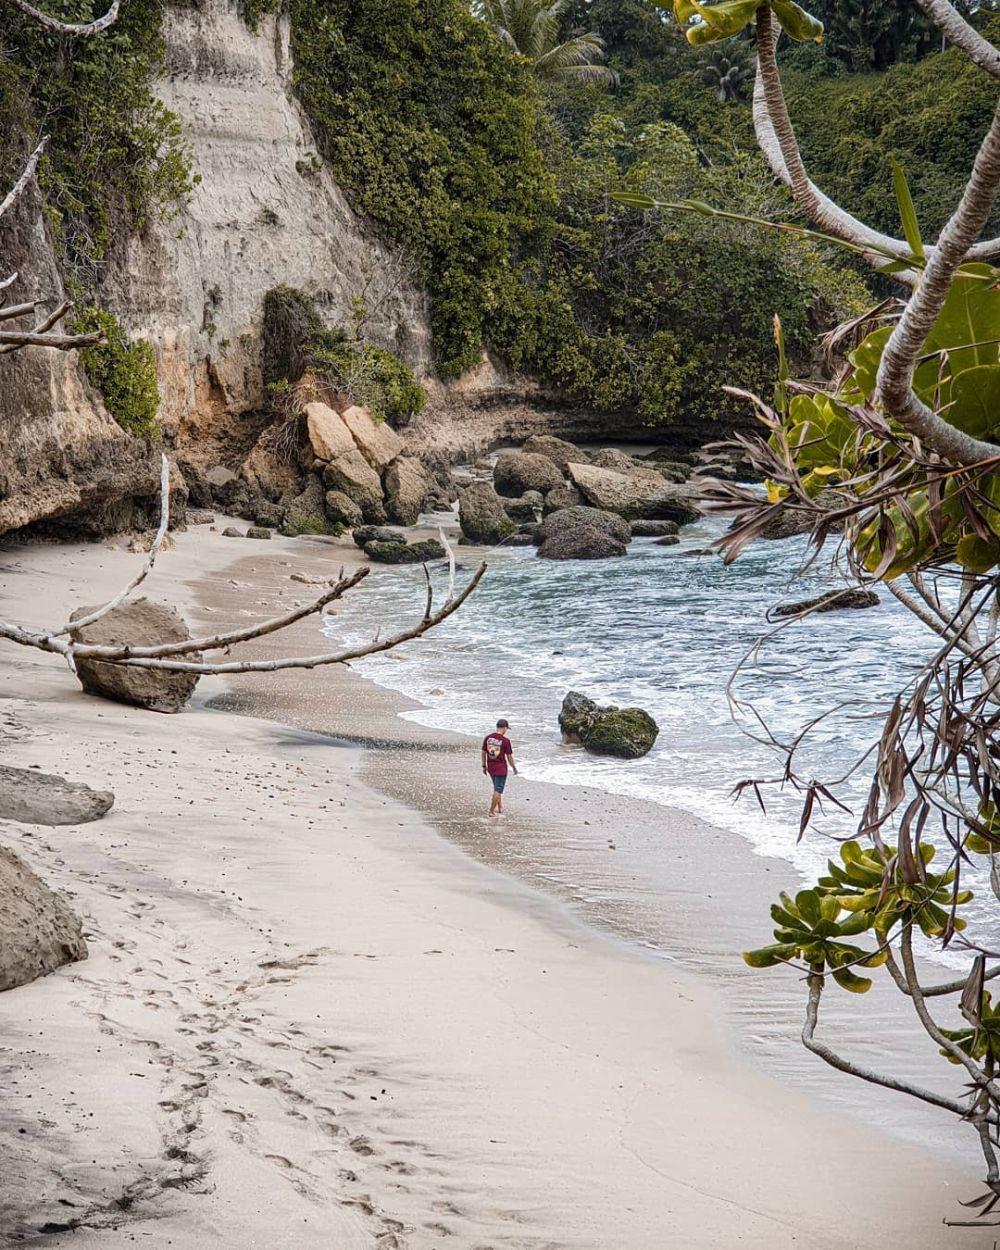 Wisata Pantai Karang Gantungan: Info Lokasi, Rute, Harga, dan Tipsnya